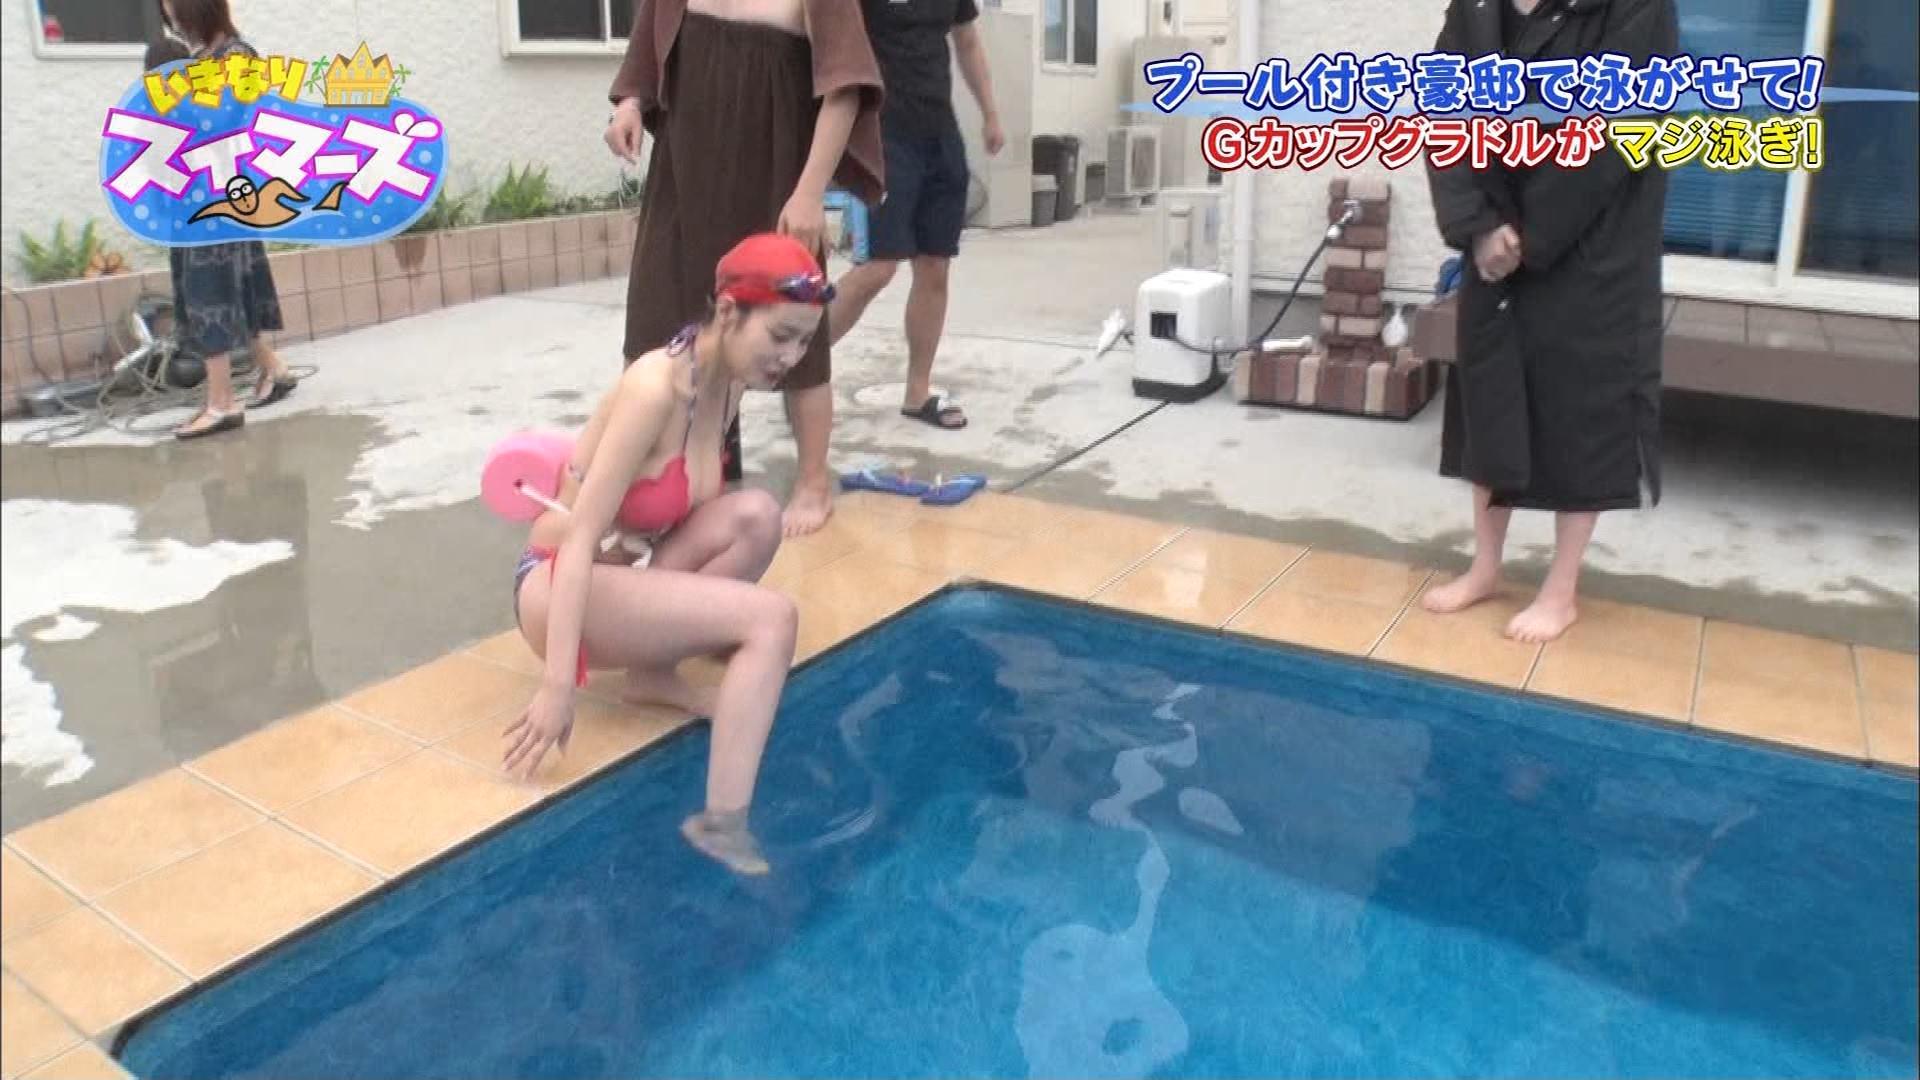 岸明日香_Gカップ_ビキニ水着_テレビキャプ画像_27